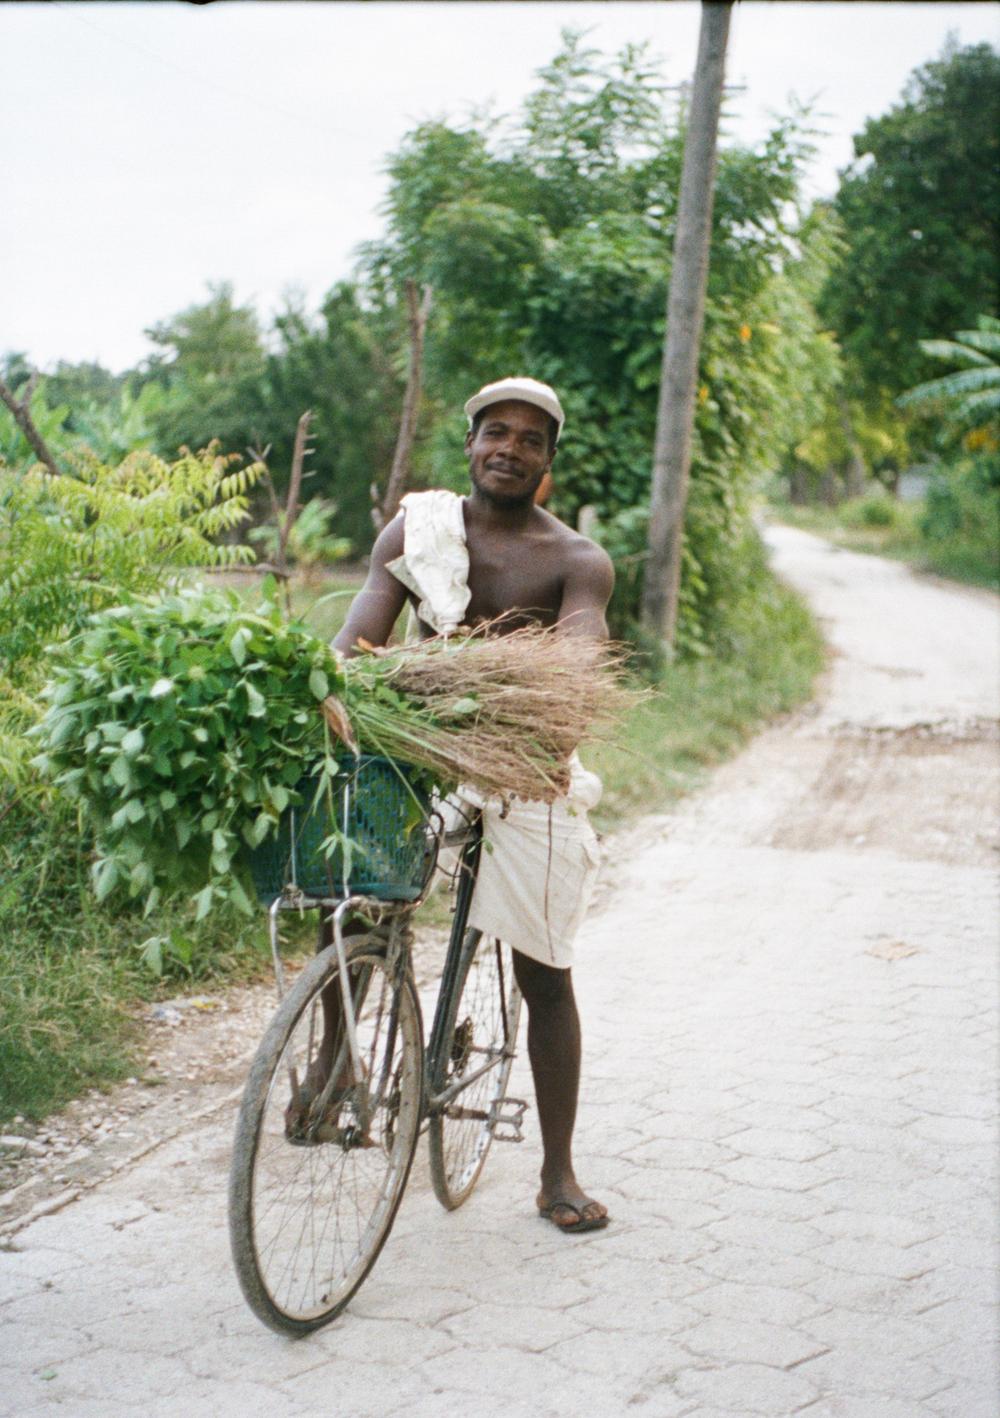 haiti065-759806010035.jpg